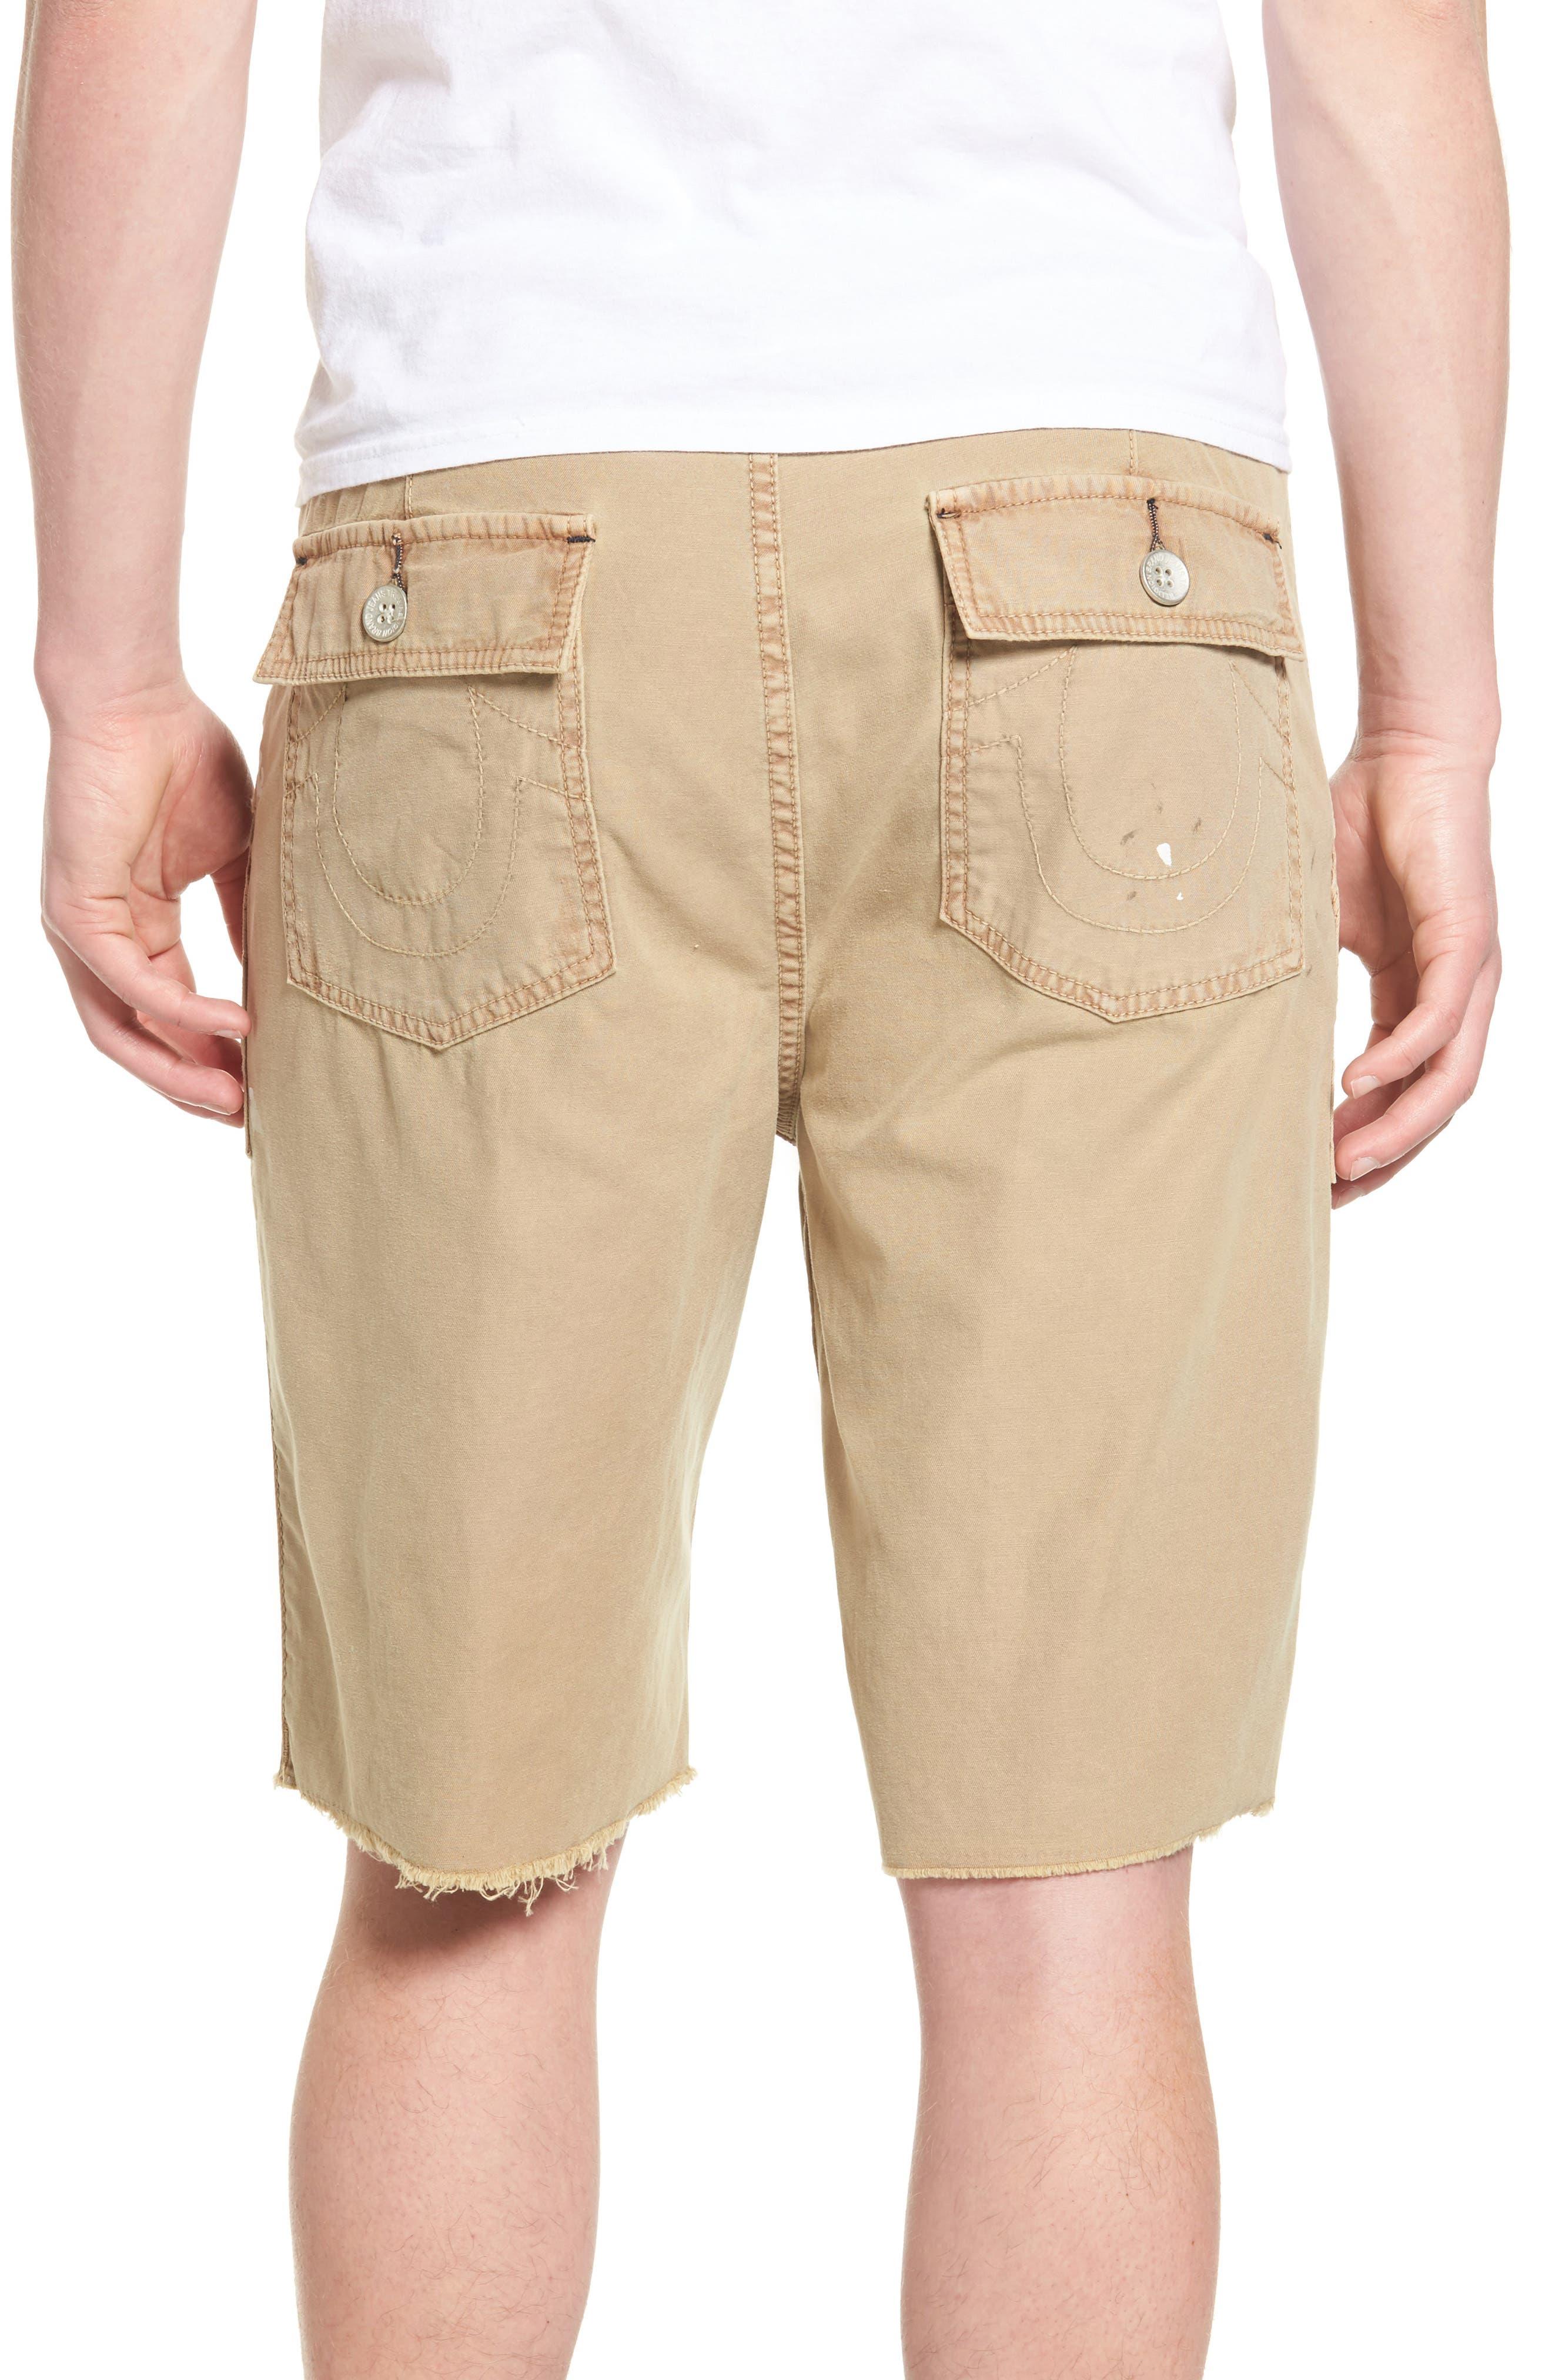 Utility Surplus Shorts,                             Alternate thumbnail 2, color,                             021